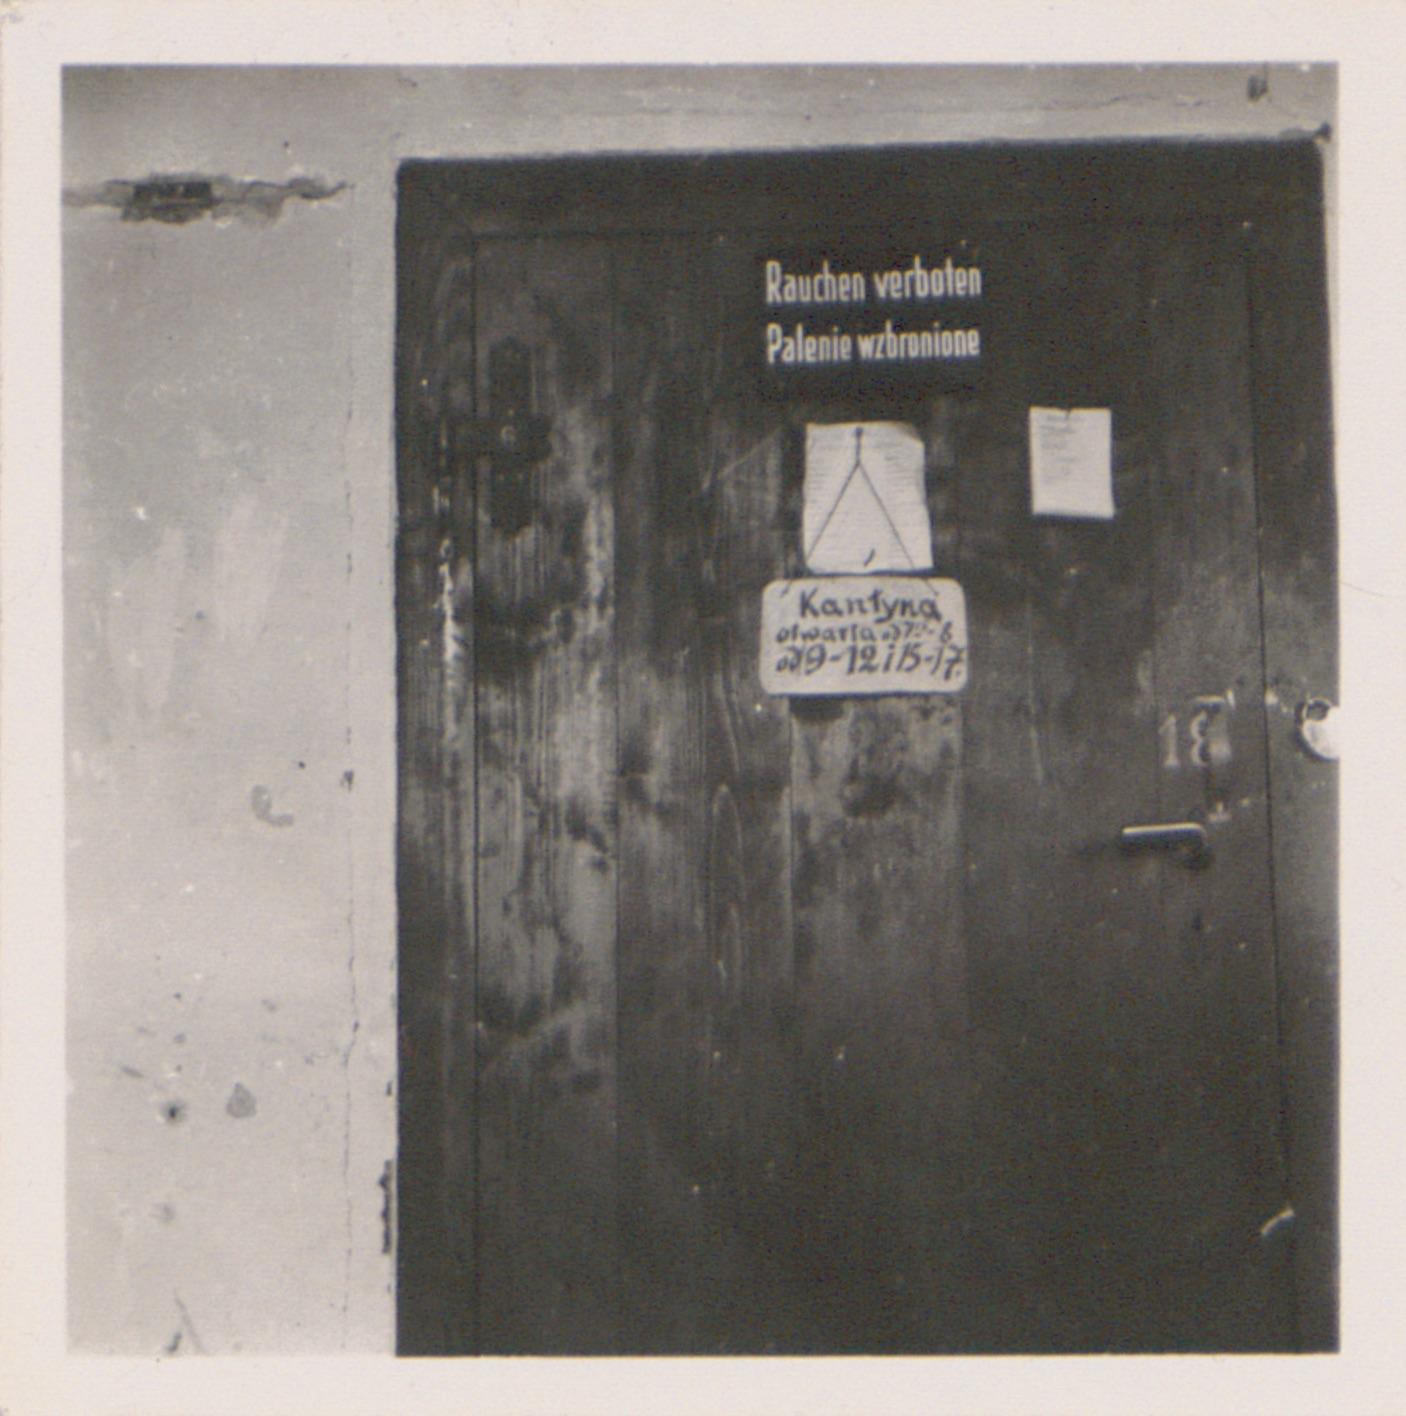 Kantyna obozowa Lager Glowna. Ze zbiorów Instytutu Zachodniego im. Zygmunta Wojciechowskiego w Poznaniu. Niemiecki nazistowski obóz przesiedleńczy, działających w latach 1939-1940, zorganizowany dla ludności wysiedlanej z terenu Poznania i Wielkopolski. Na pomieszczenia obozowe wybrano zabudowania położone na Głównej przy ul. Bałtyckiej, gdzie do września 1939 roku mieściły się magazyny wojskowe. W skład obozu wchodziło pięć baraków (w tym trzy drewniane), a także murowany budynek administracji niemieckiej oraz zabudowania gospodarcze. Cały teren, łącznie z dużym placem, znajdującym się pośrodku, otoczony był potrójnym płotem z drutu kolczastego, a w jego narożnikach stały wieże wartownicze z reflektorami. W okresie od 5 listopada 1939 roku do 20 maja 1940 roku w obozie przejściowym na Głównej osadzonych zostało ok. 33 500 osób, z których 32 986 wywieziono do Generalnego Gubernatorstwa. Było wśród nich 31 424 Polaków, 1112 Żydów oraz 450 Romów. Przy ulicy Bałtyckiej, obok skrzyżowania z ul. Chemiczną i ul. Hlonda stoi głaz upamiętniający przesiedleńców.